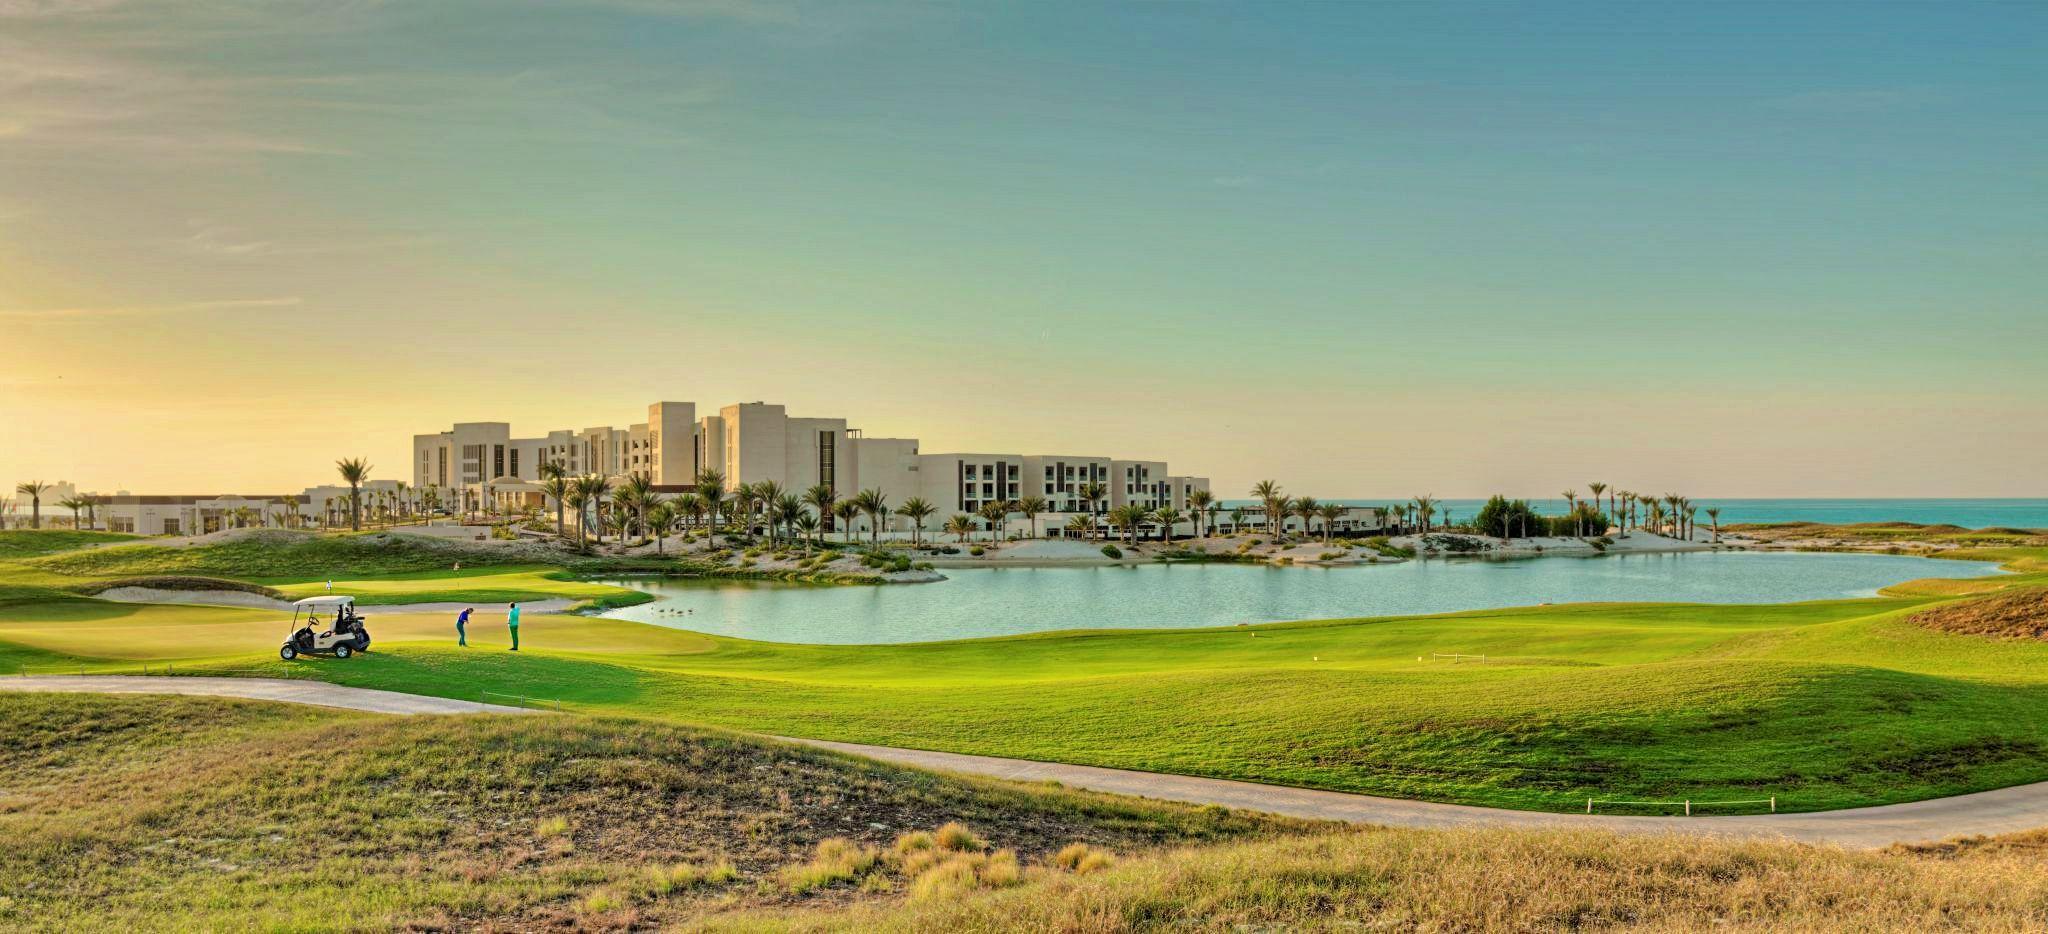 Luftaufnahme des Golfplatzes des Hotels Park Hyatt Abu Dhabi